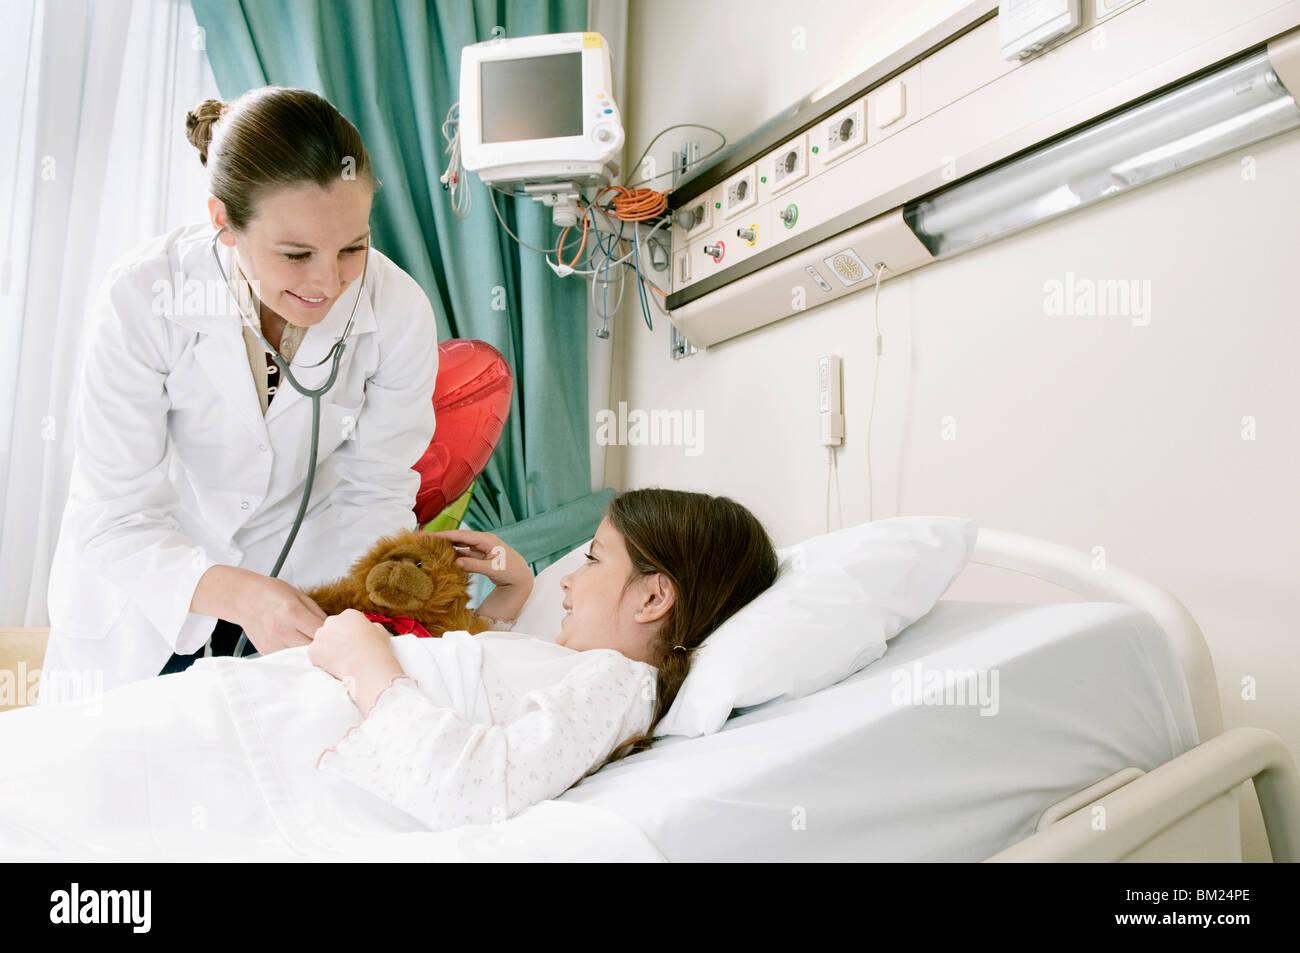 Jeune fille sur un lit d'hôpital en cours d'examen par une femme médecin Photo Stock